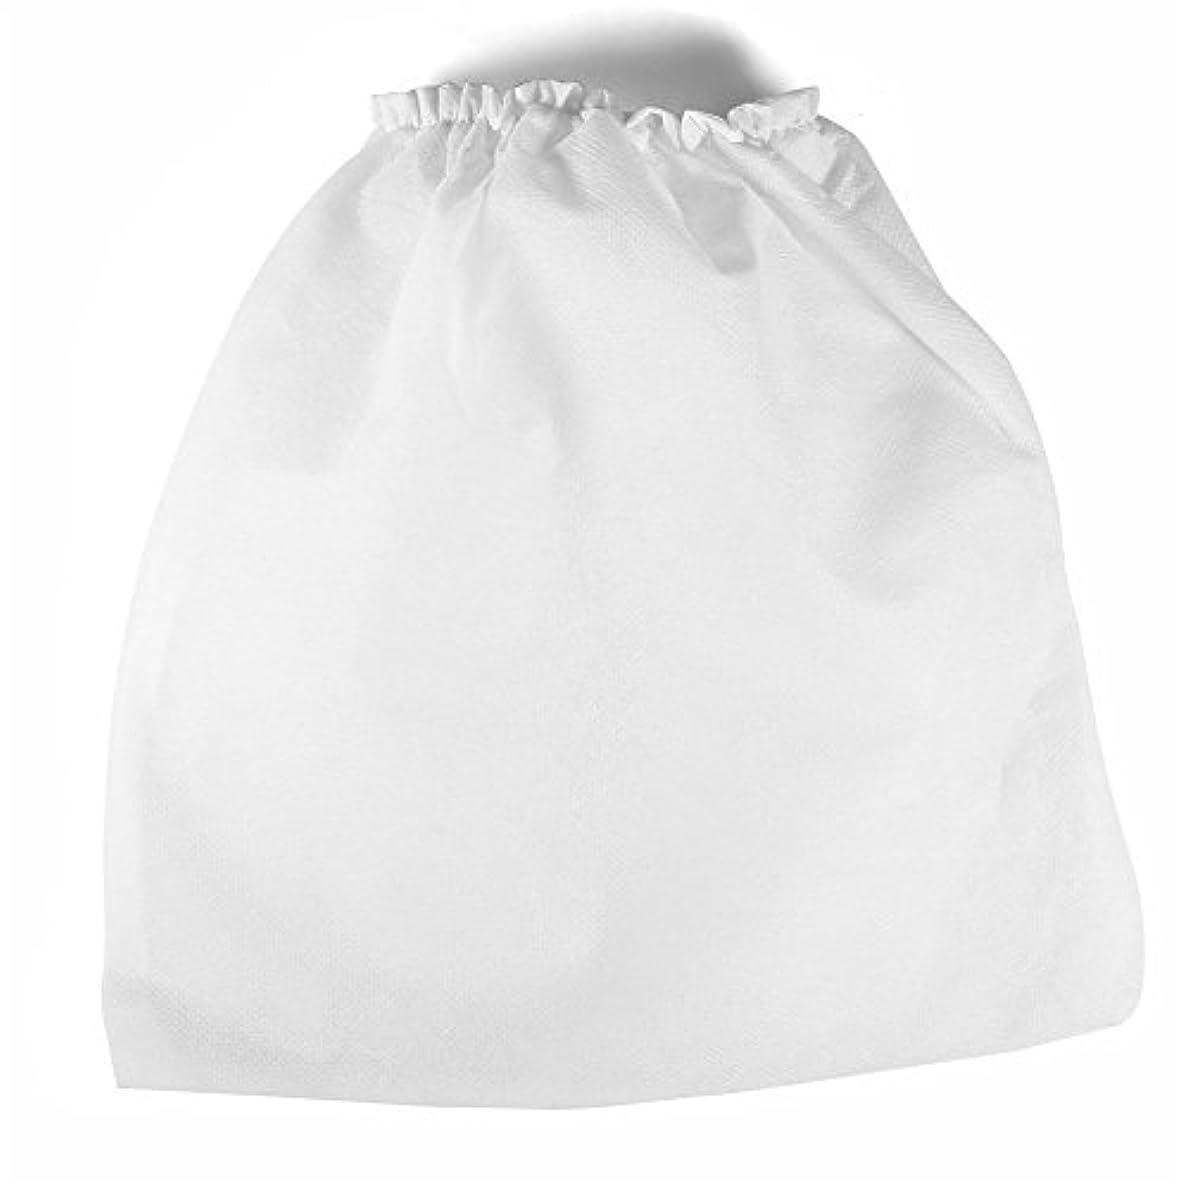 教授歌ソーシャルネイル不織布掃除機 ストコレクター ネイルのほこりを吸って 収集袋10枚